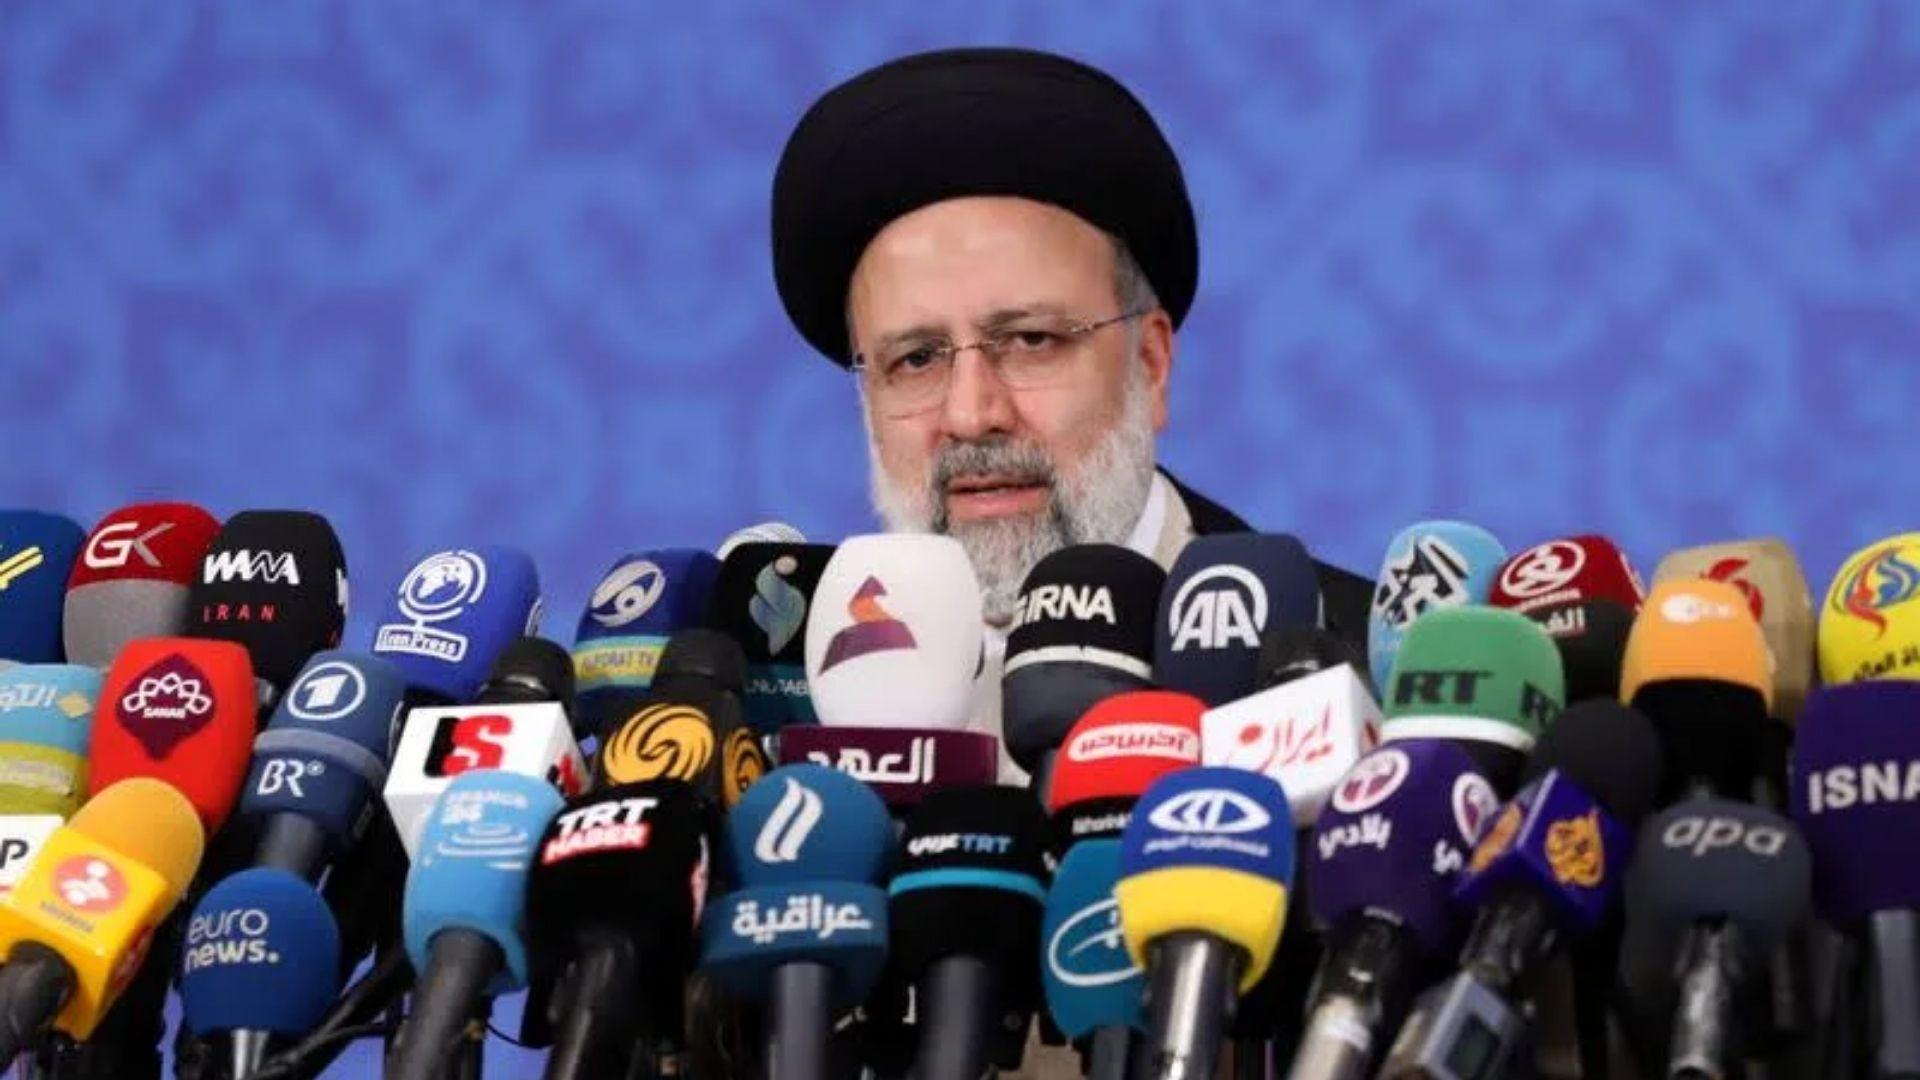 A eleição iraniana do novo 'carrasco do Teerã' deve ser um alerta mundial, diz Israel